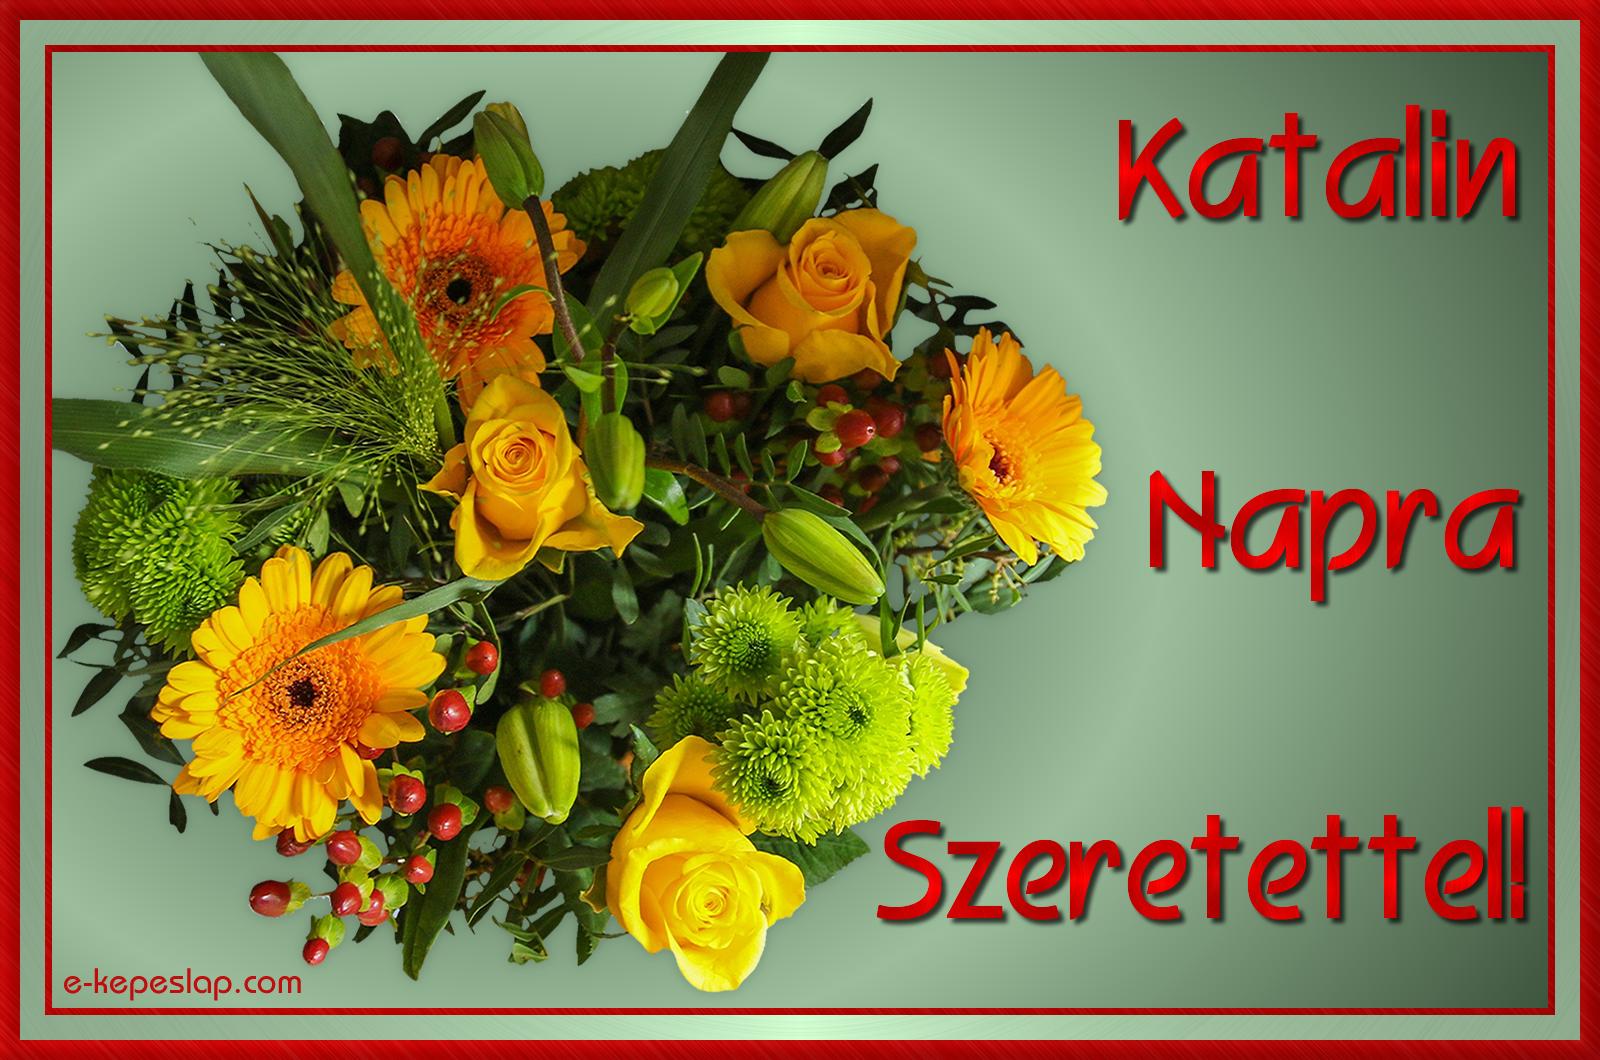 katalin névnapi képek Névre szóló képeslap Katalin névnapra   Képeslapküldés   e  katalin névnapi képek